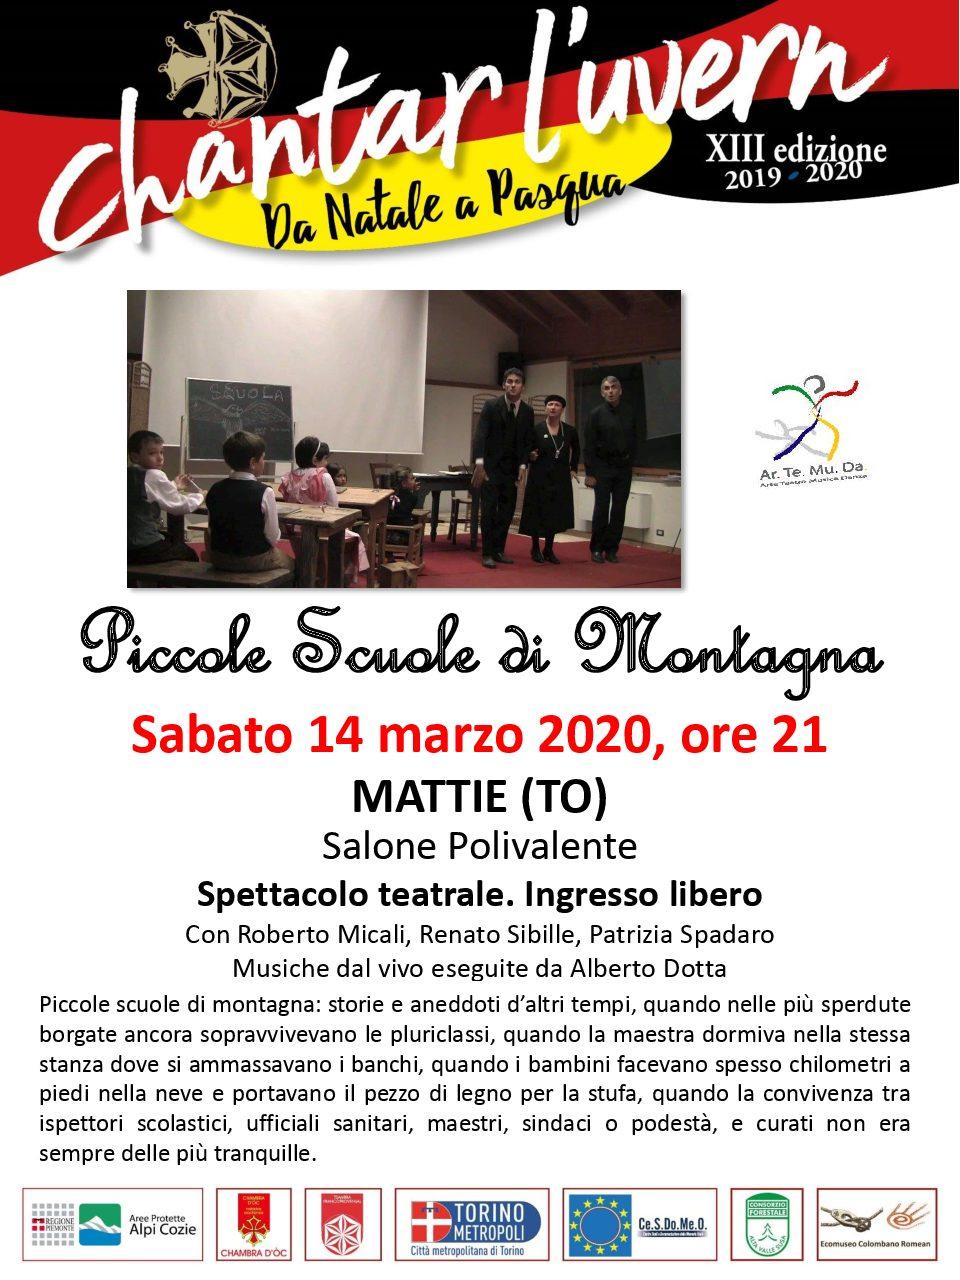 SABATO 14 MARZO 2020 SPETTACOLO TEATRALE